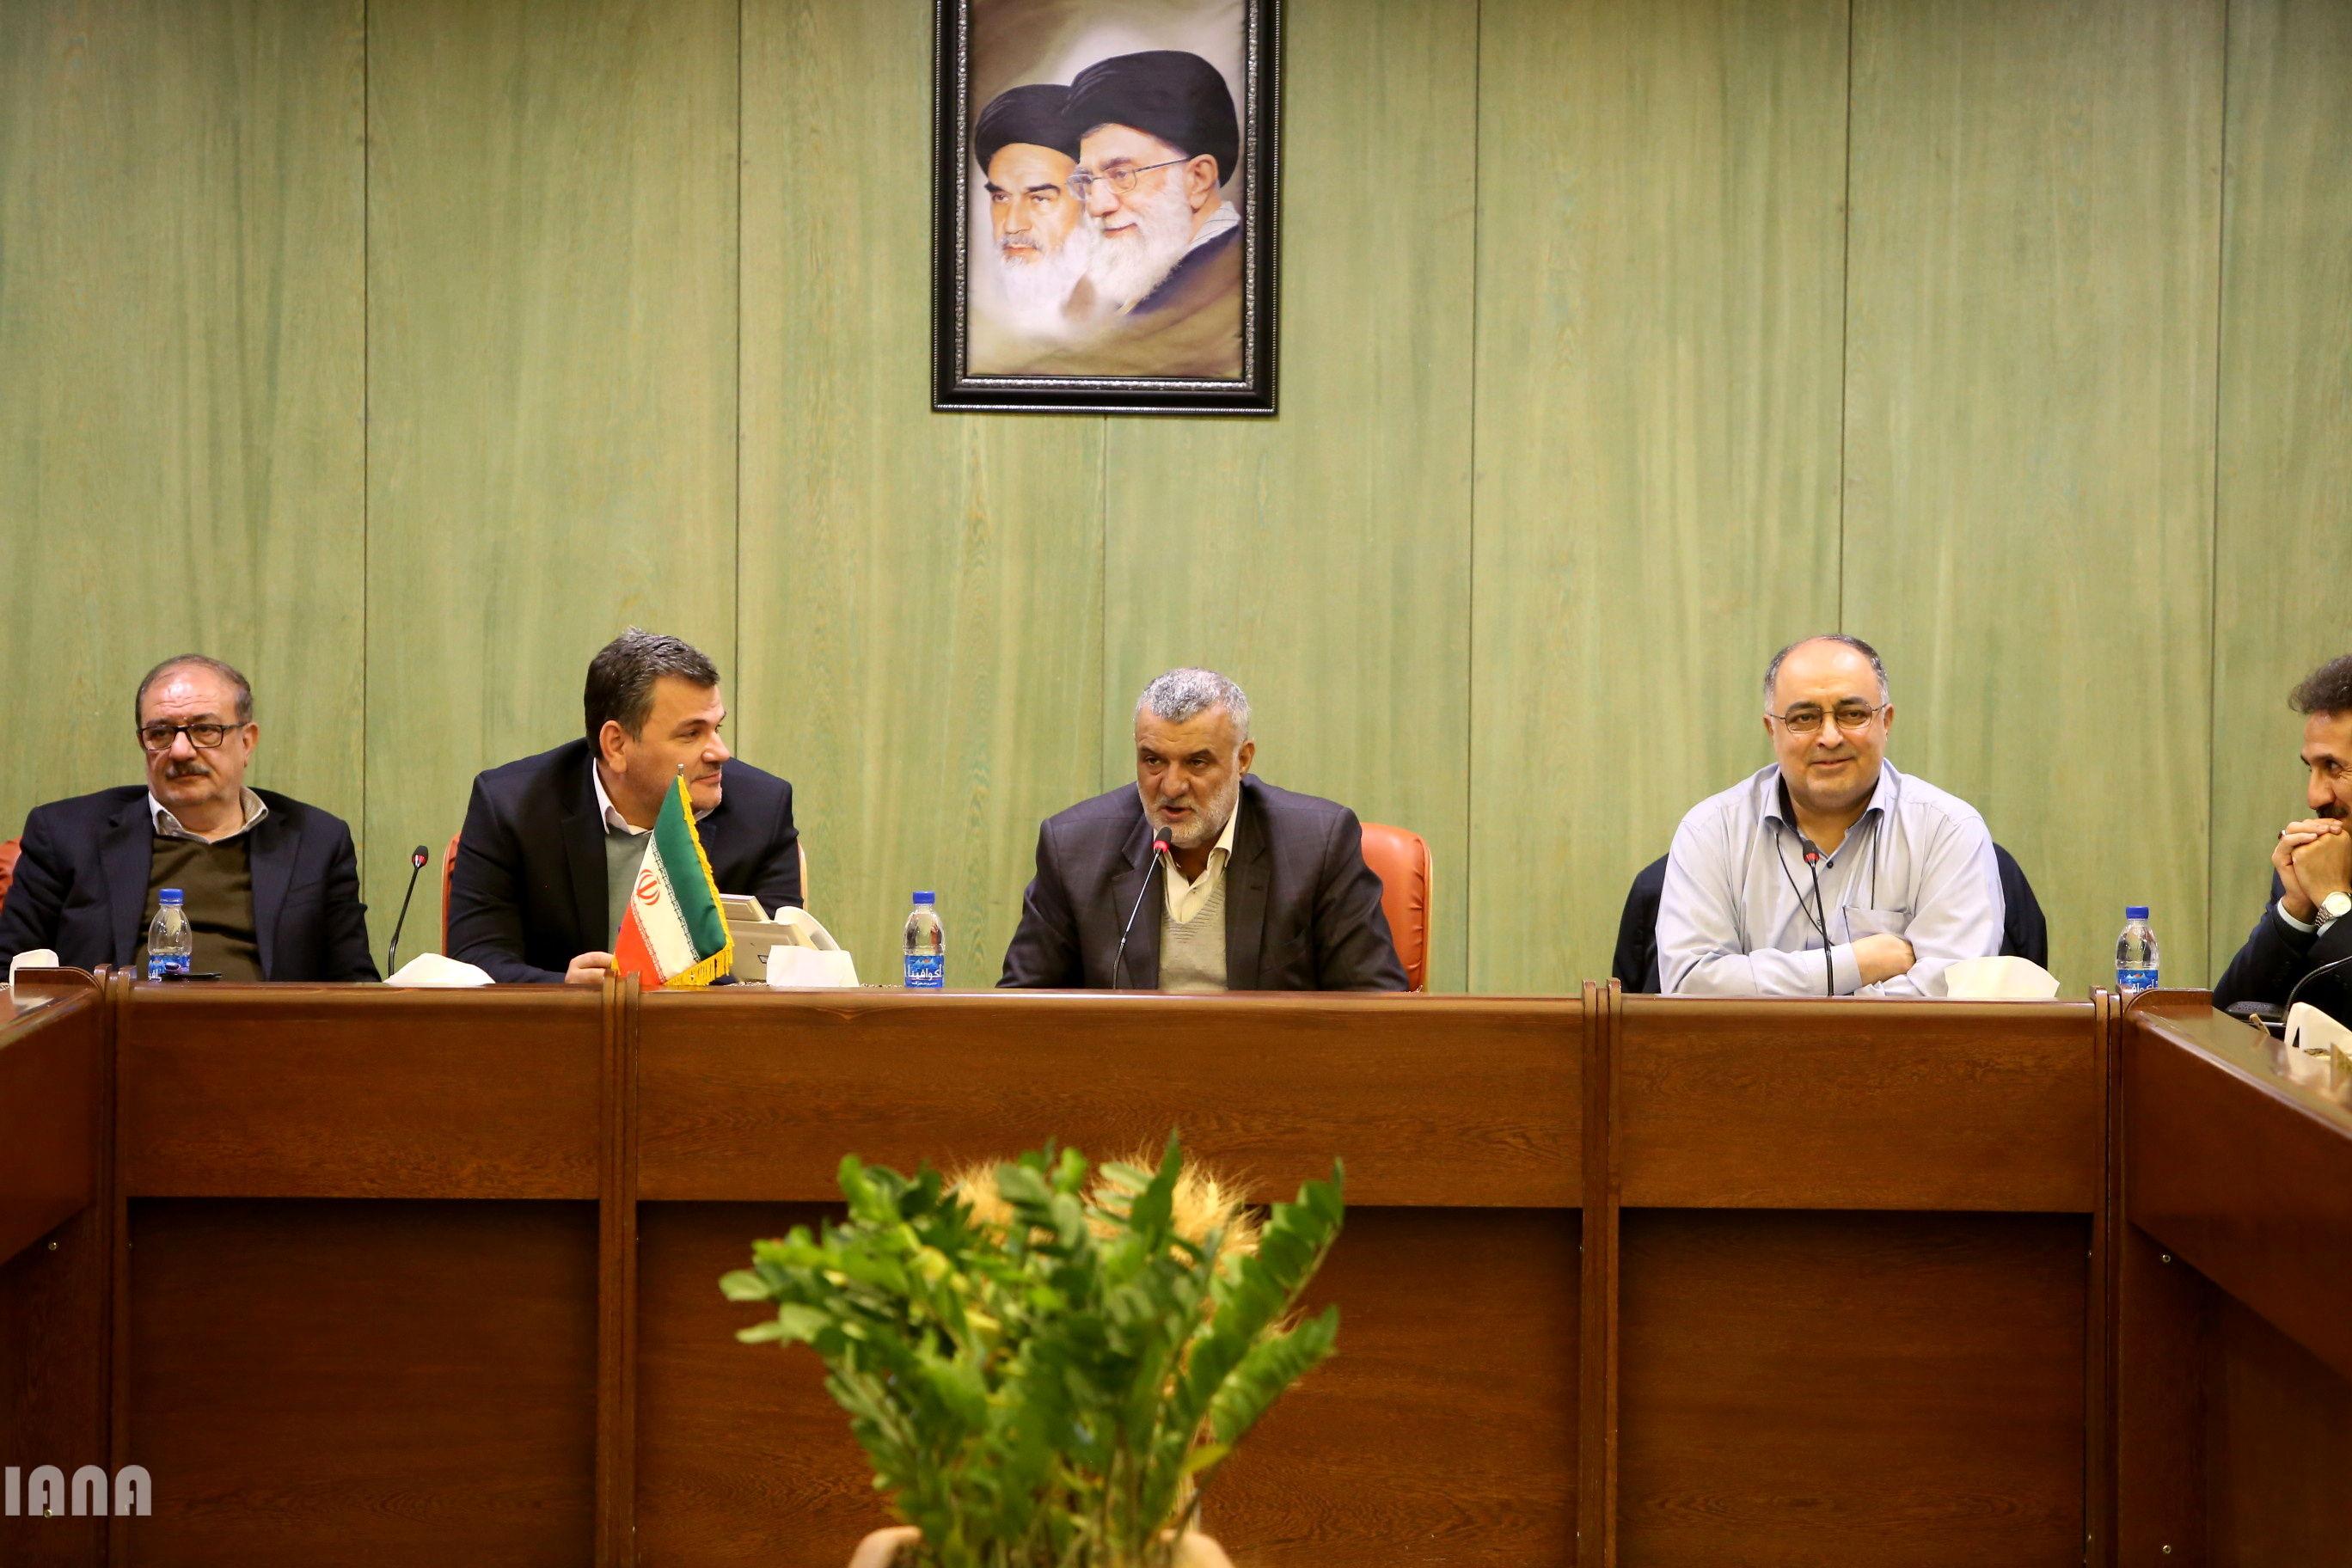 نشست ادواری وزیر جهاد کشاورزی با روسای موسسات تحقیقات کشاورزی